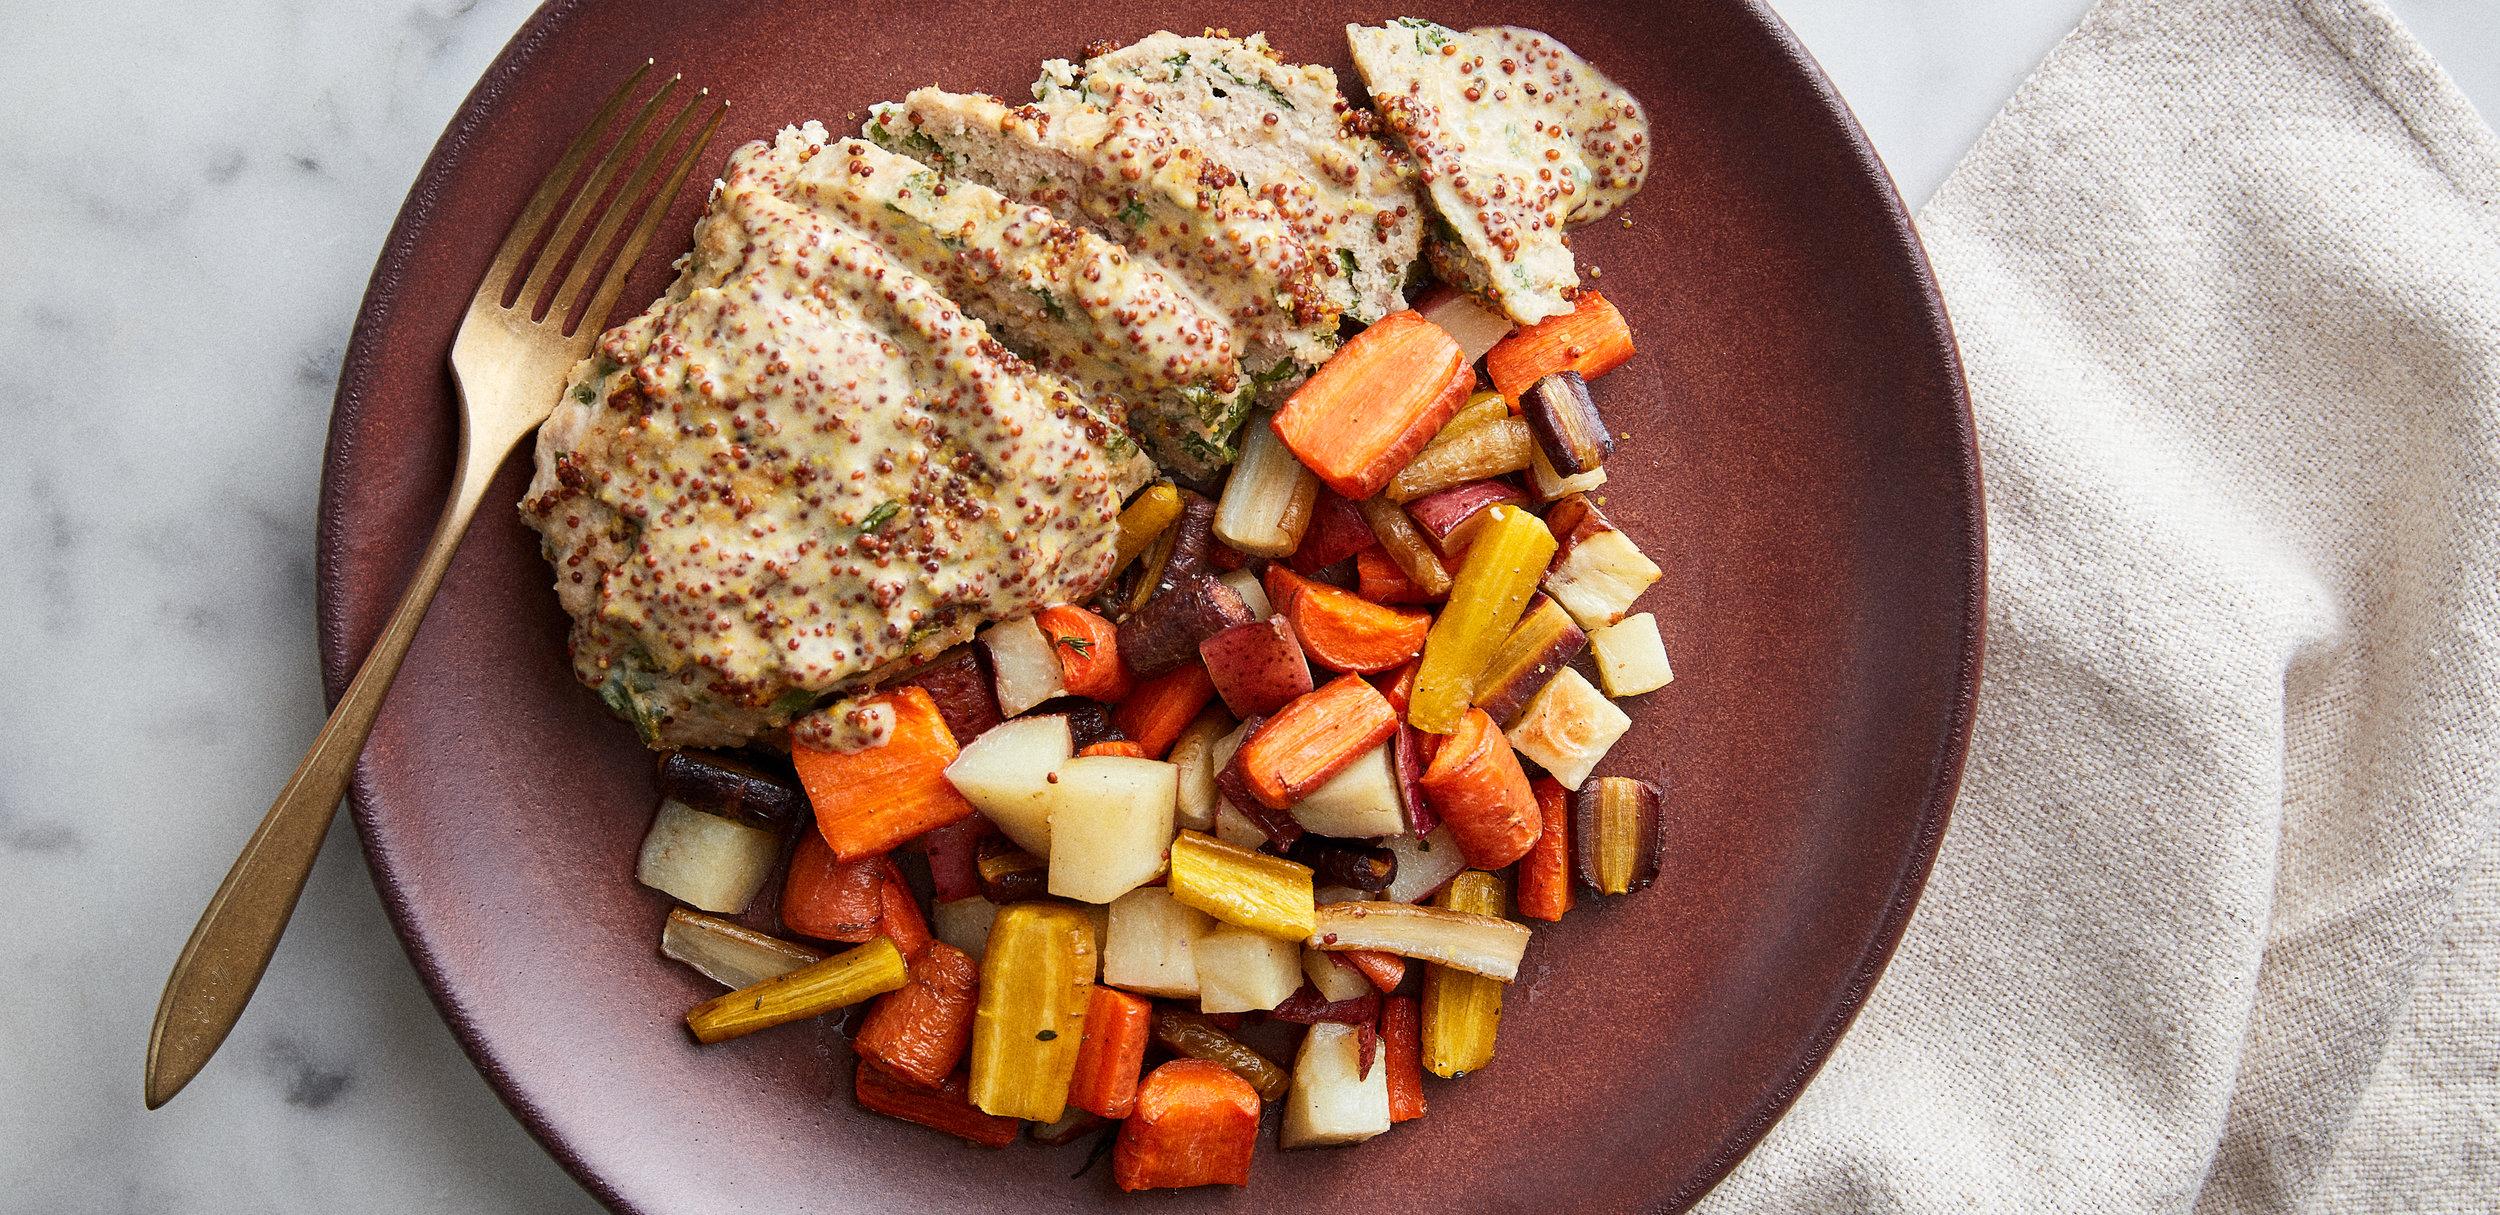 Turkey Meatloaf with Roasted Vegetables — 0008 — HERO (1).jpg